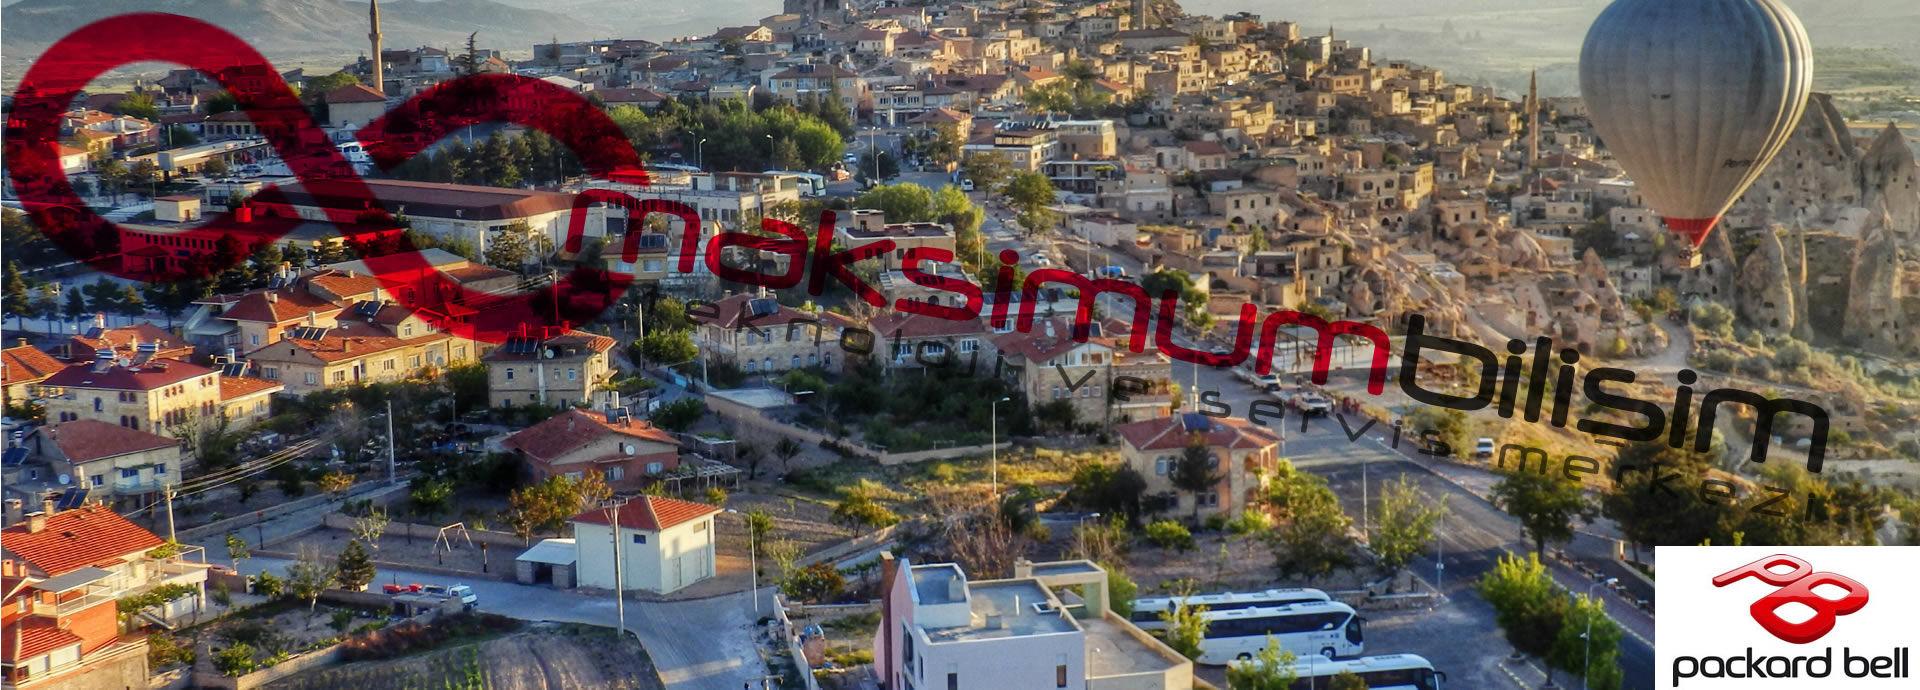 Nevşehir PackardBell Servis